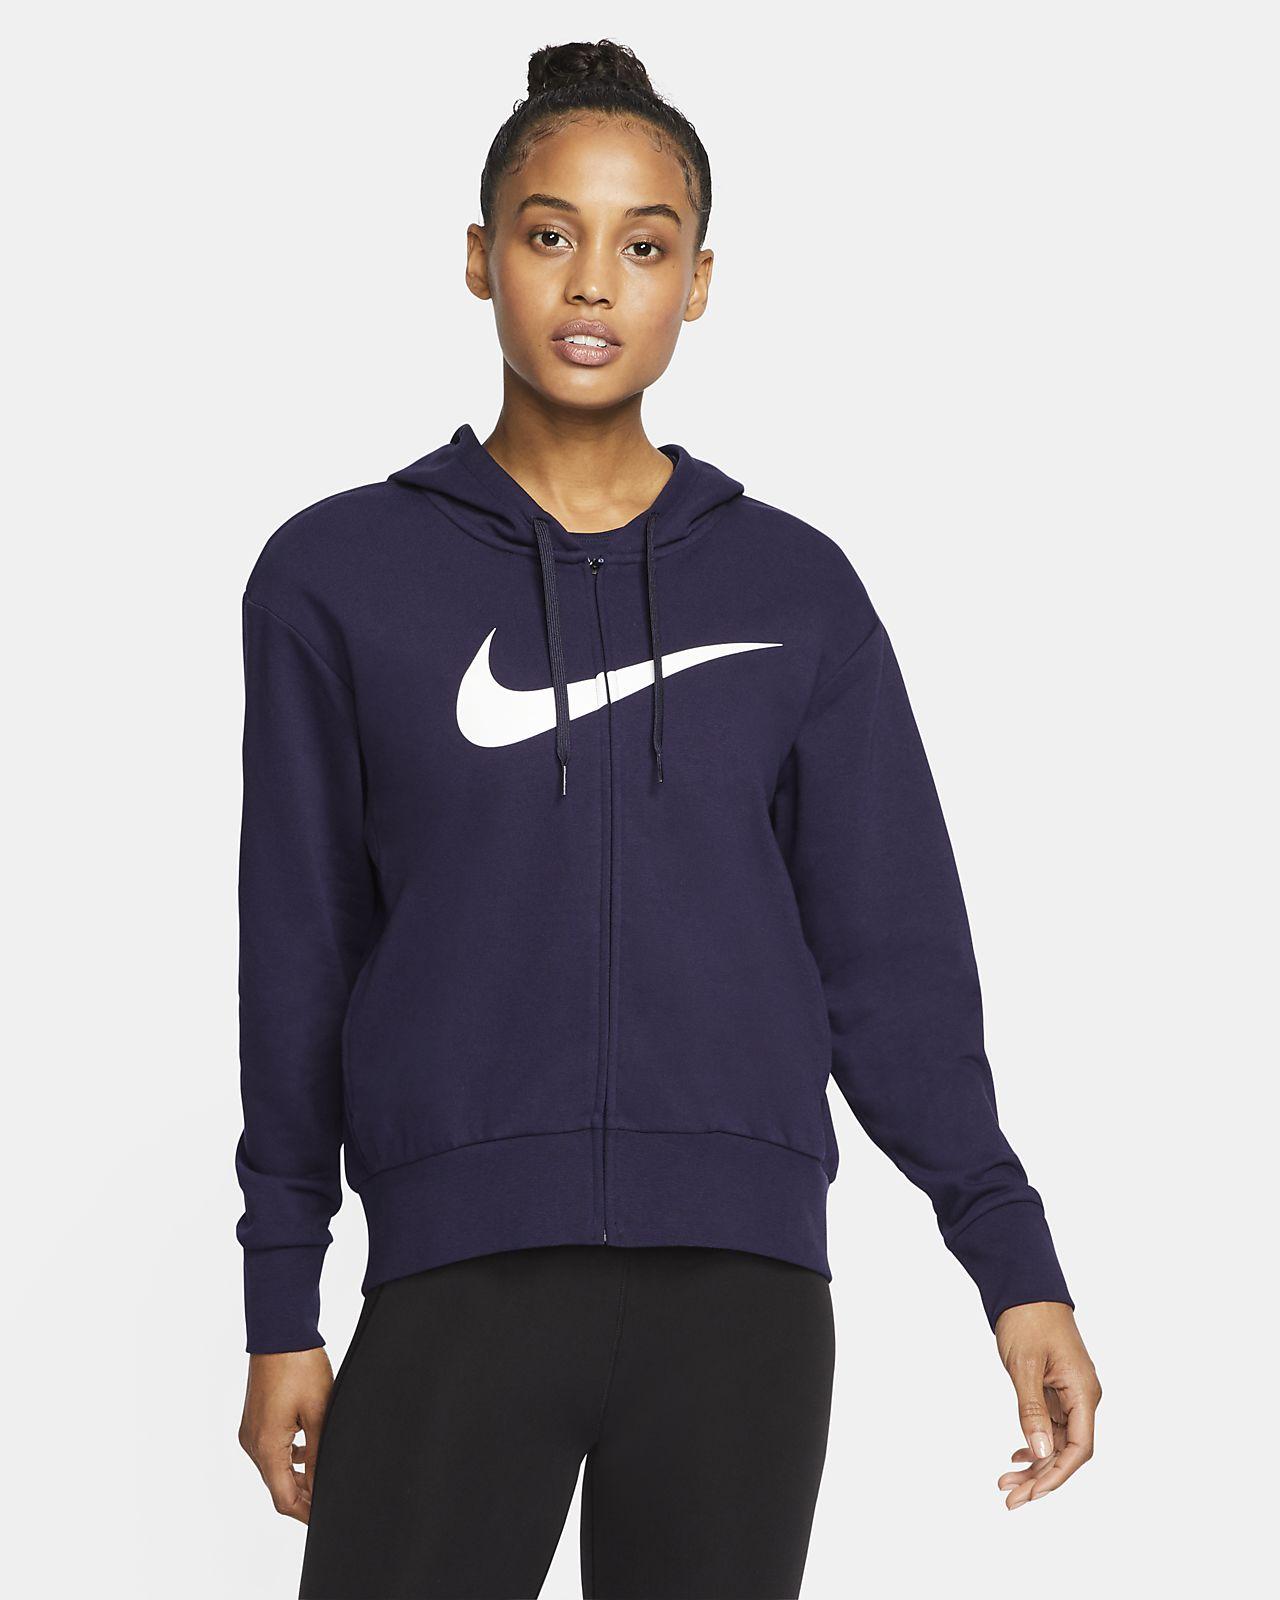 Träningshuvtröja med dragkedja Nike Dri-FIT Get Fit för kvinnor